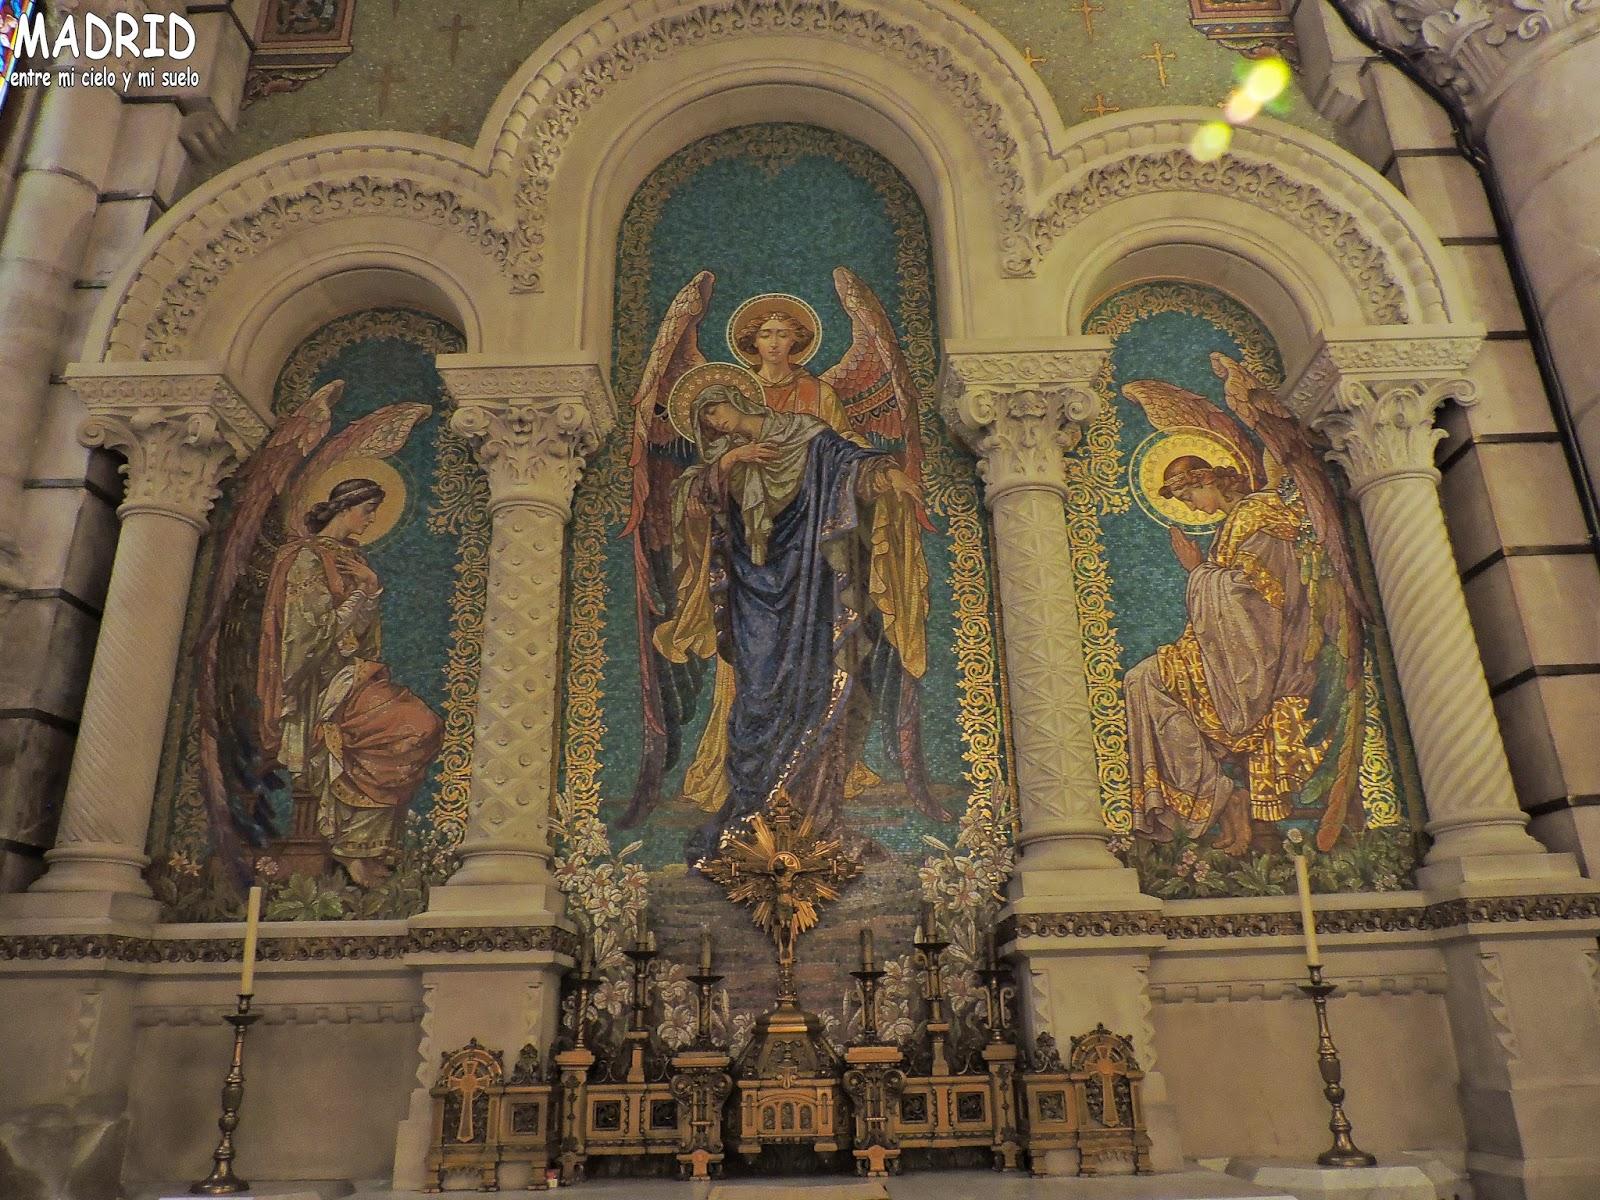 Madrid, entre mi cielo y mi suelo: Descubriendo la Cripta de